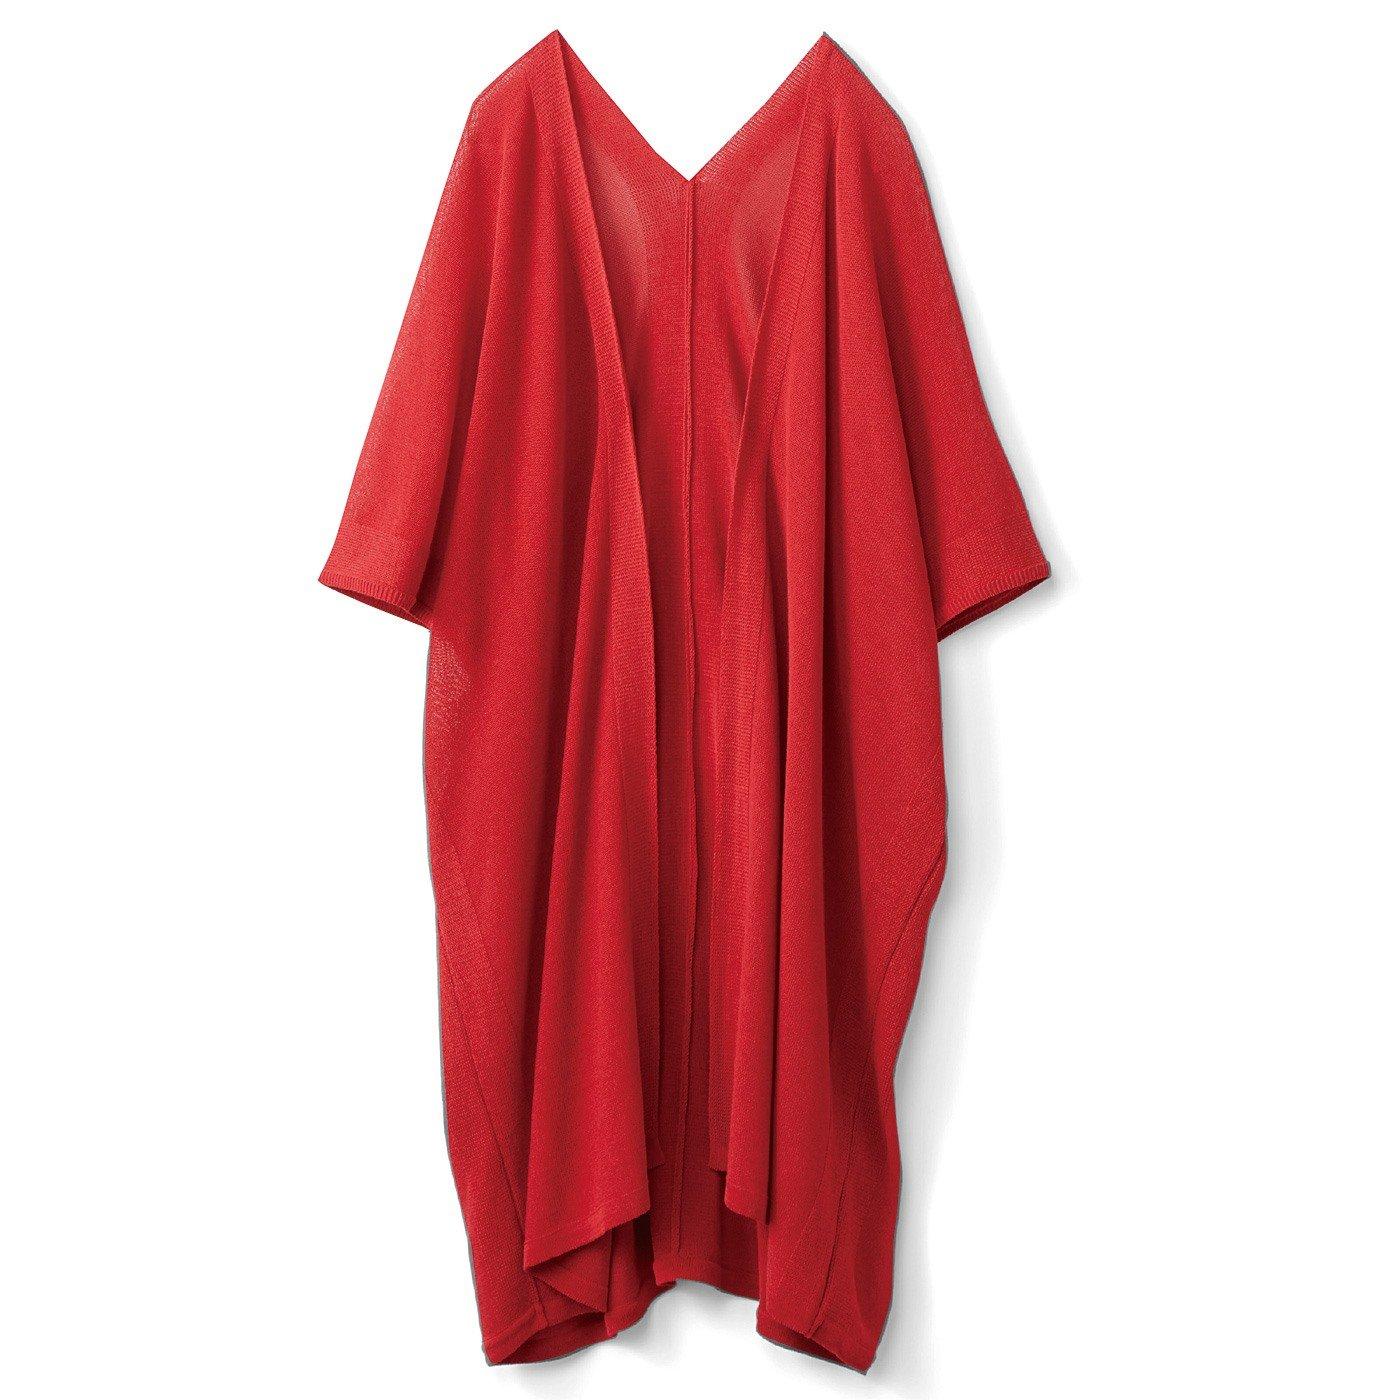 HIROMI YOSHIDA. すっきり袖のニットロング丈カーディガン〈レッド〉